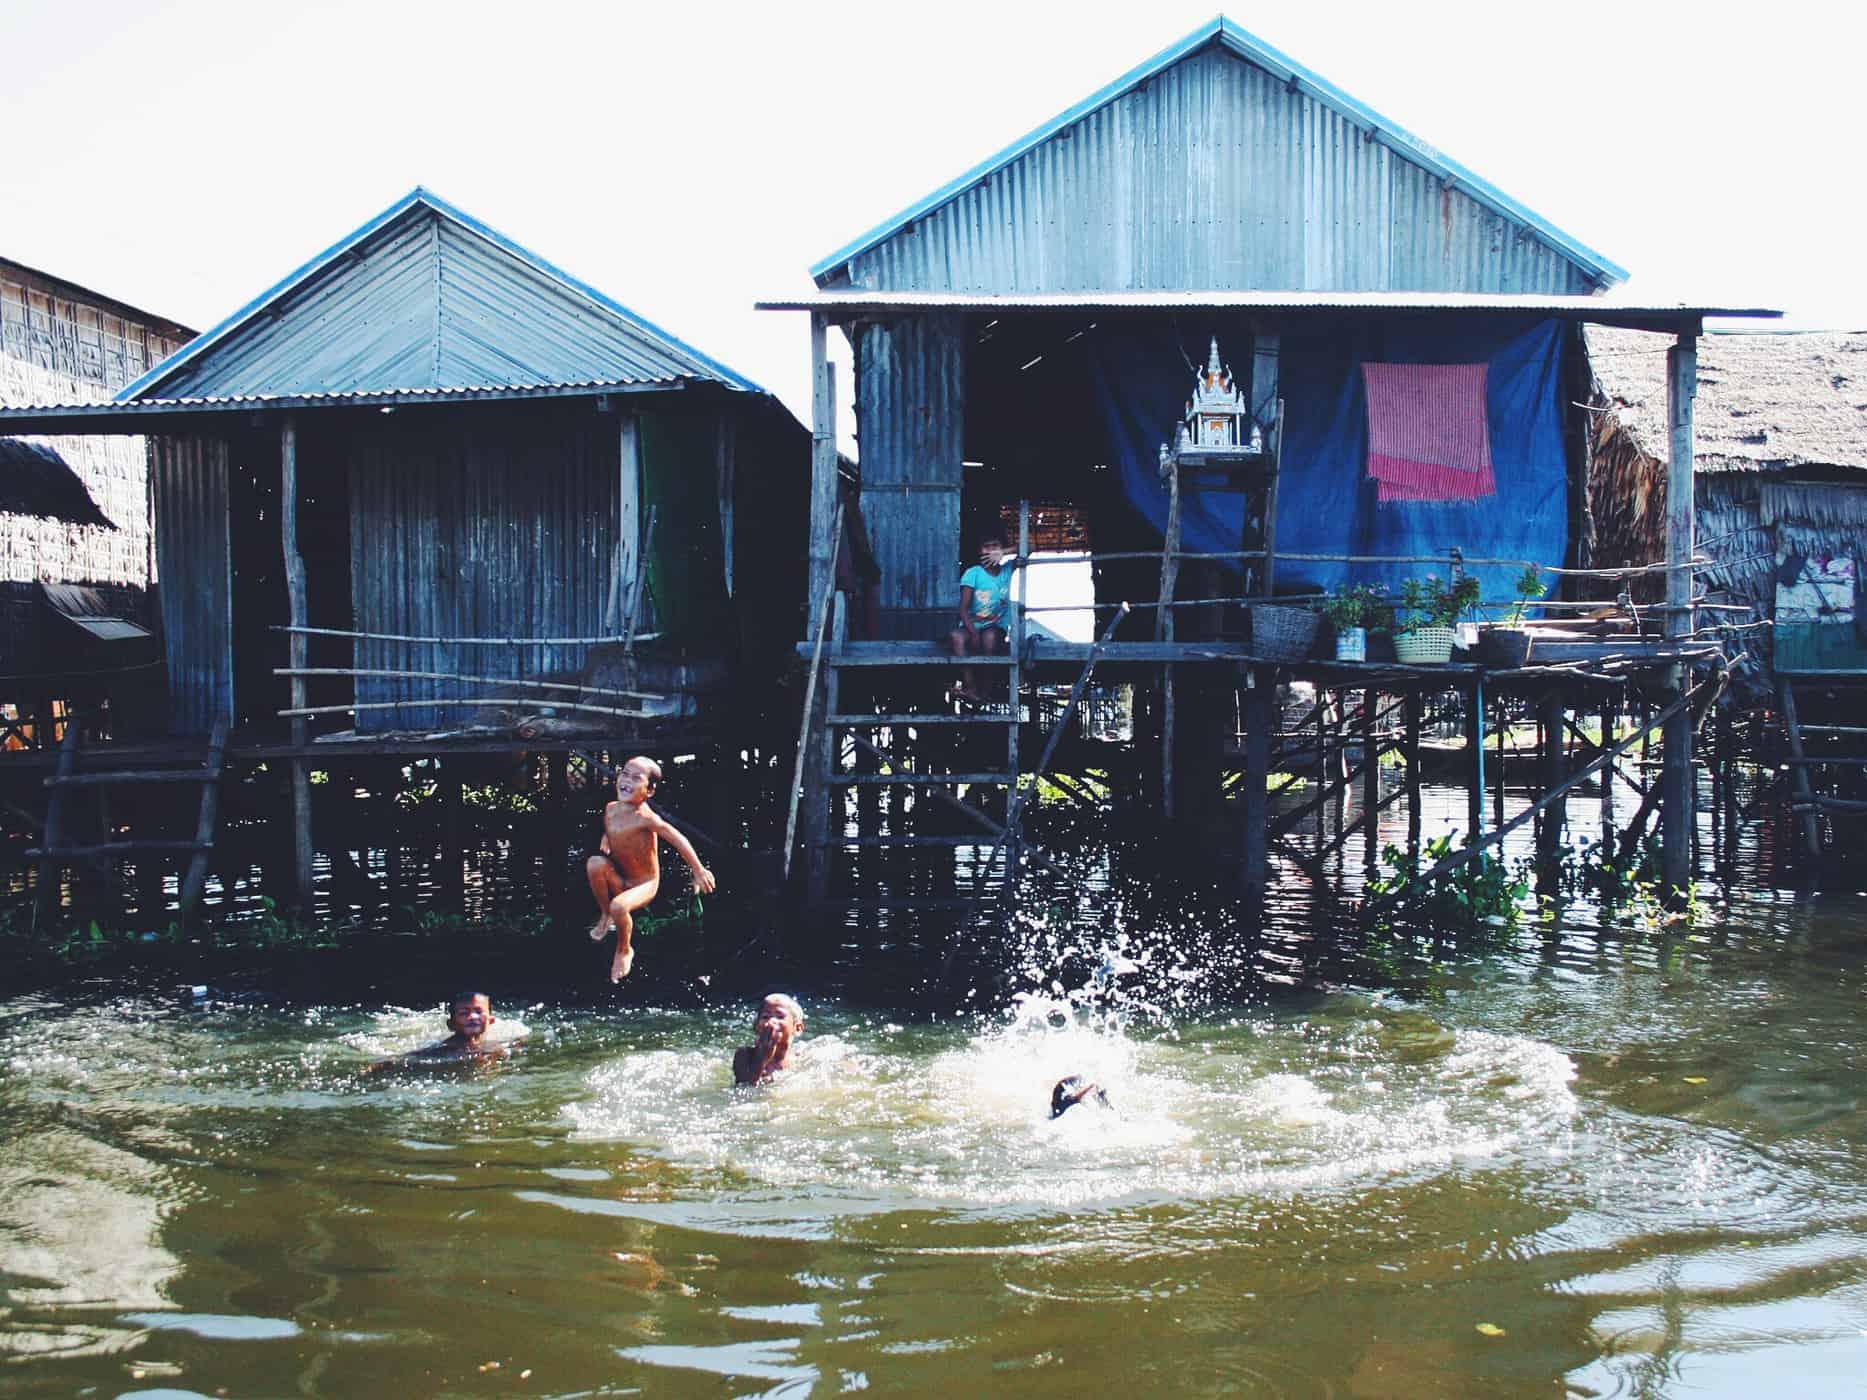 Local kids splashing around in the village.